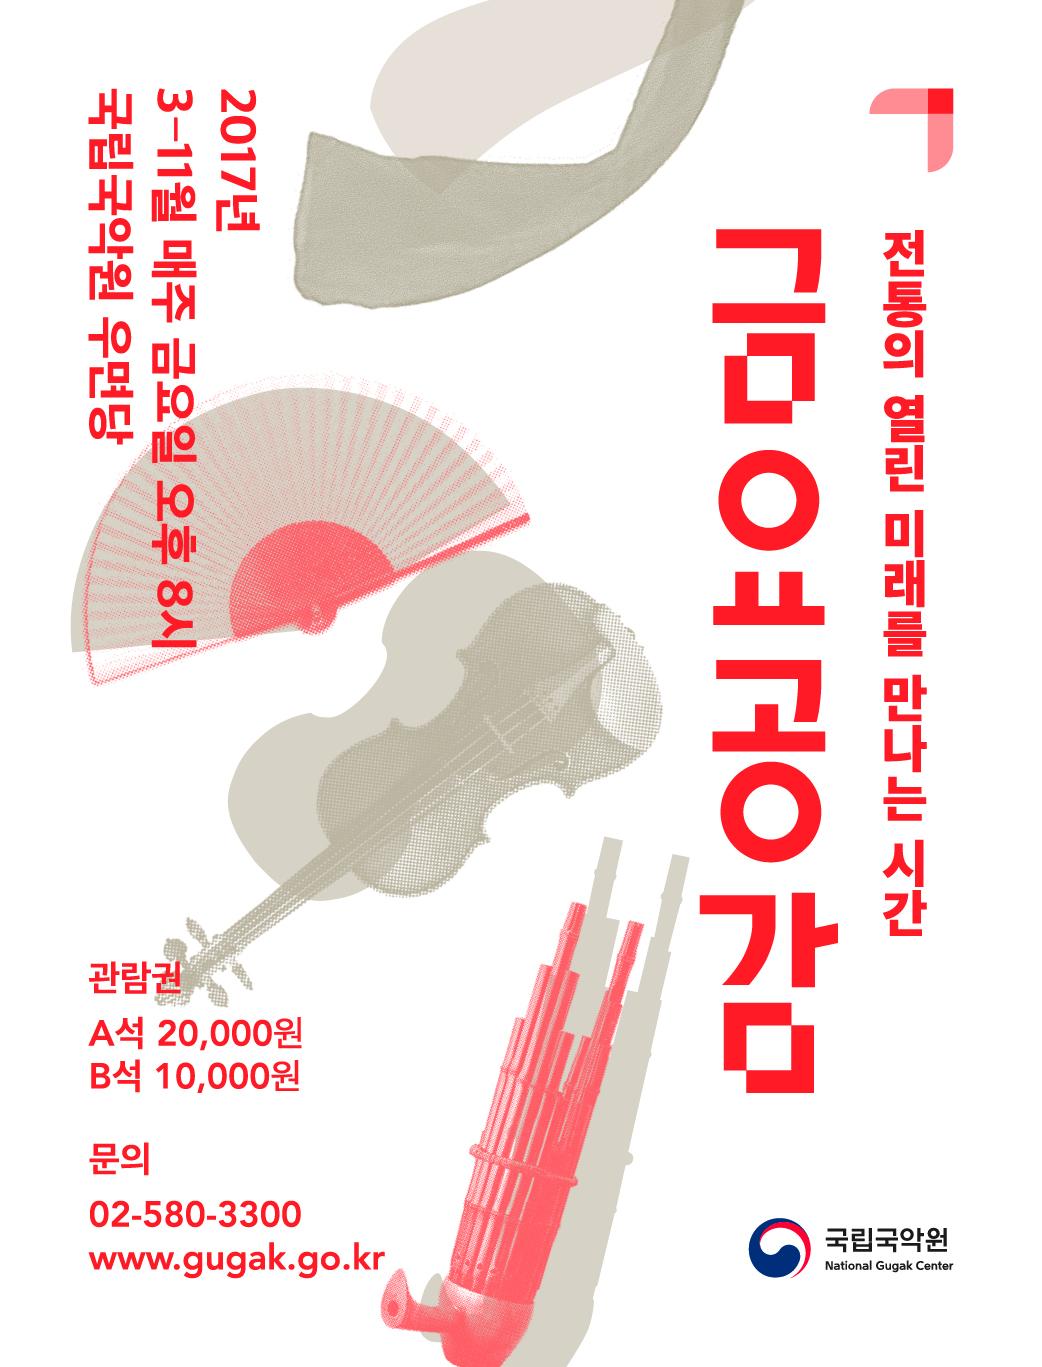 2017 금요공감: 김계희 생황콘서트 '생(笙)의 노래'[11.03.]